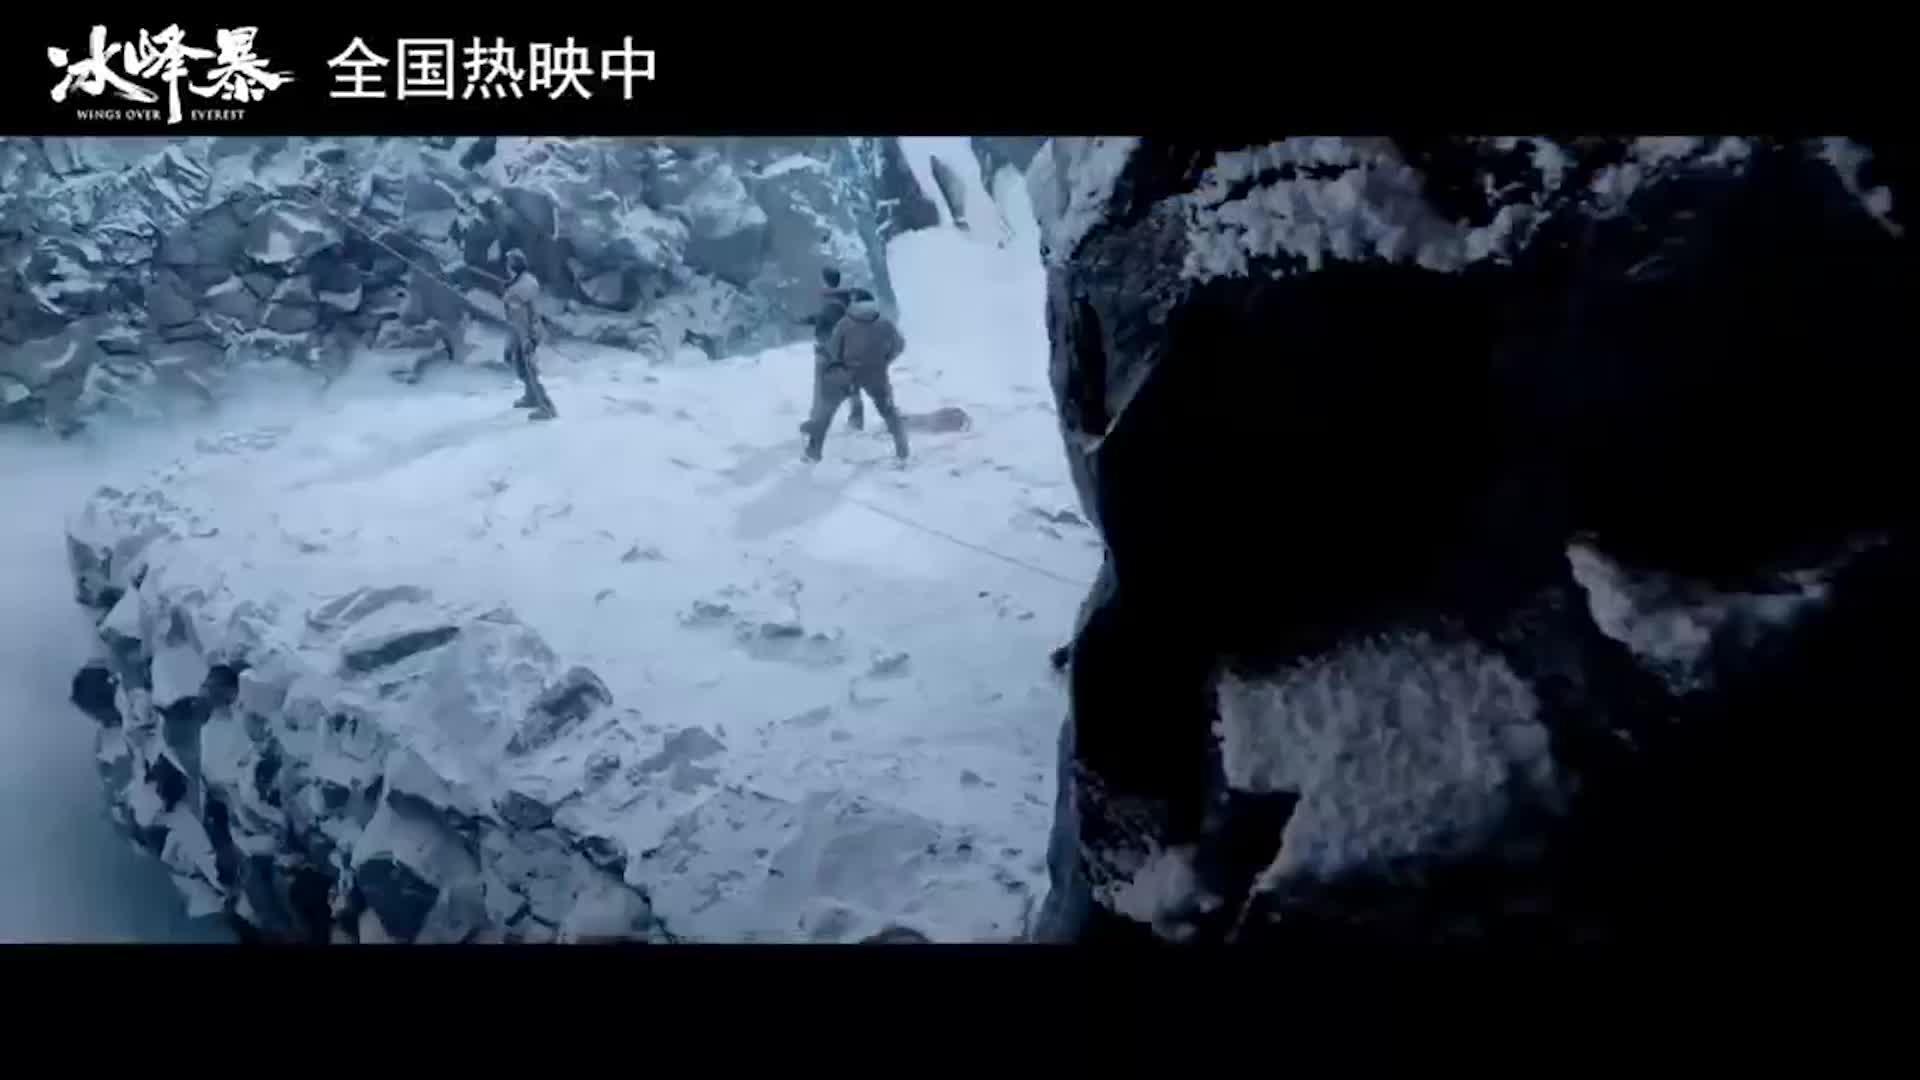 《冰峰暴》巅峰飞跃片段张静初飞越冰崖险丧命空中惊险一跃让人手